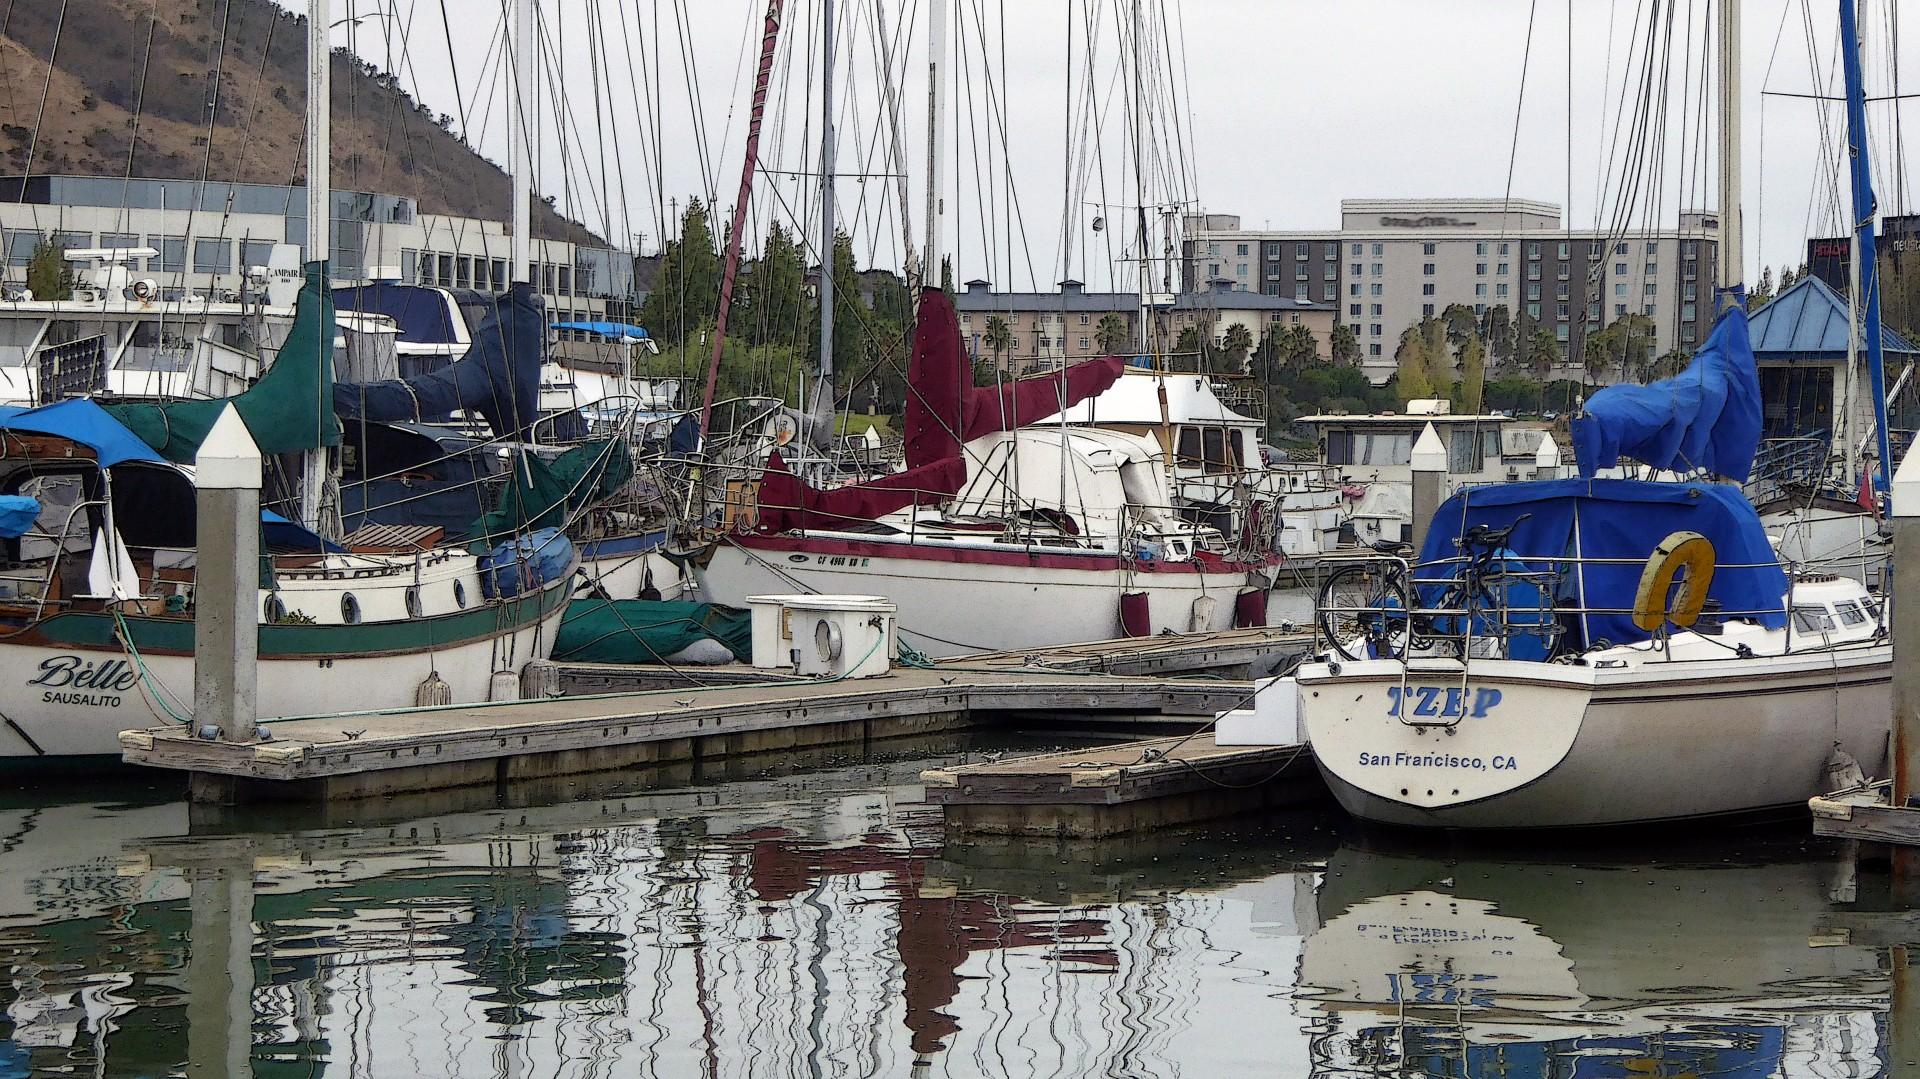 sailboats, sailing, boats